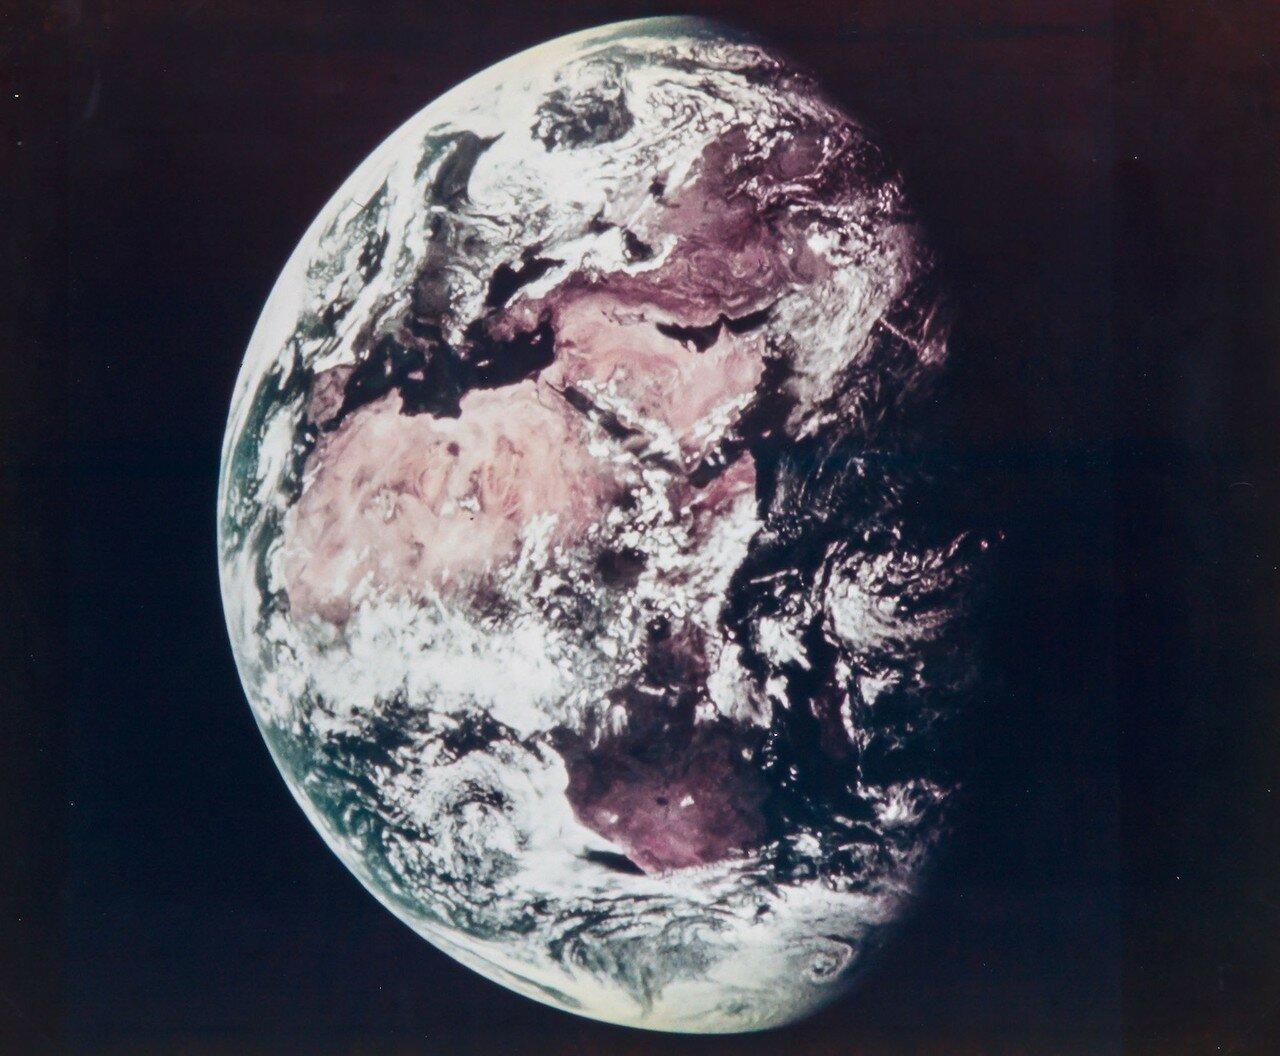 Подводя итоги, астронавты говорили о значении полёта и поблагодарили десятки тысяч людей на Земле, усилия которых обеспечили успех экспедиции.